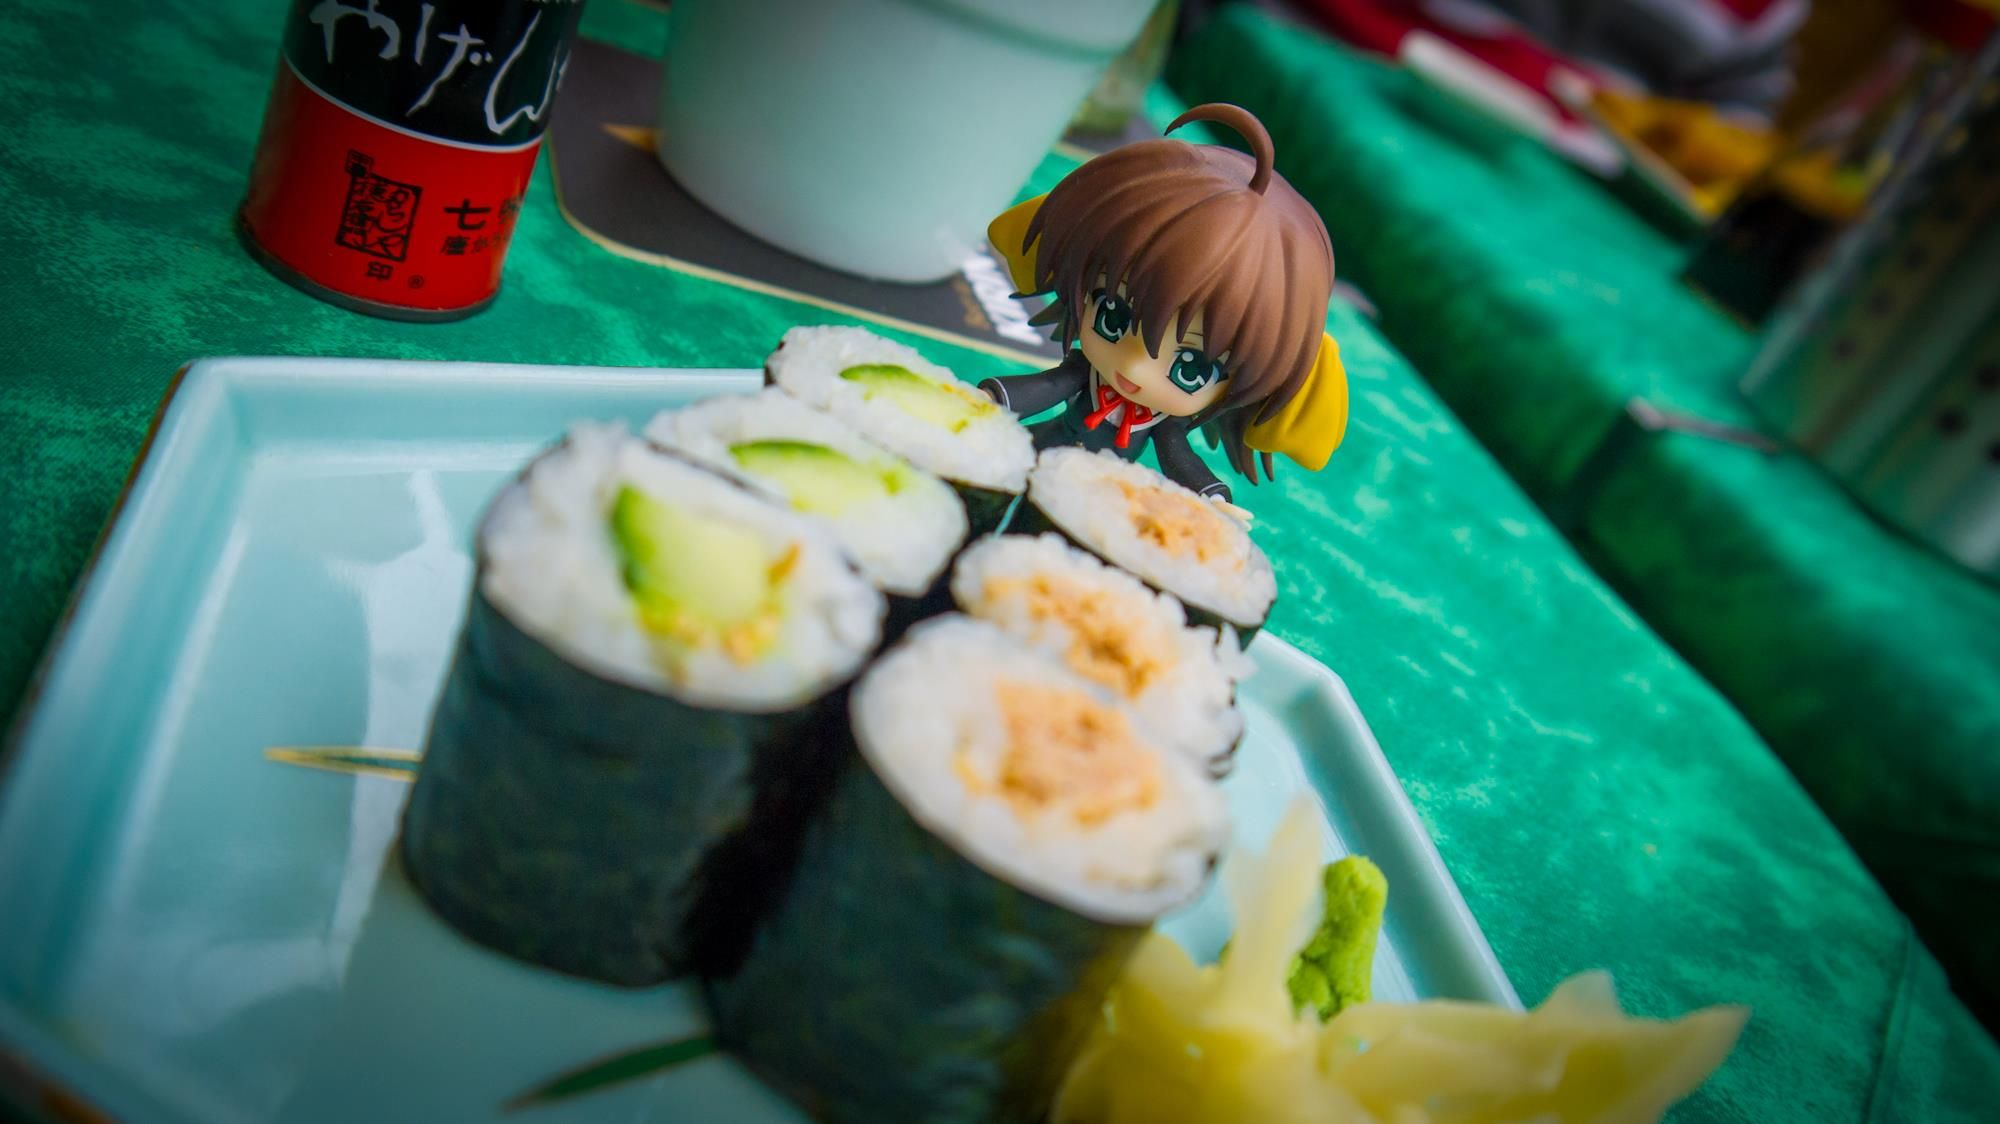 Nendoroid Sushi in Dusseldorf \(^O^)/